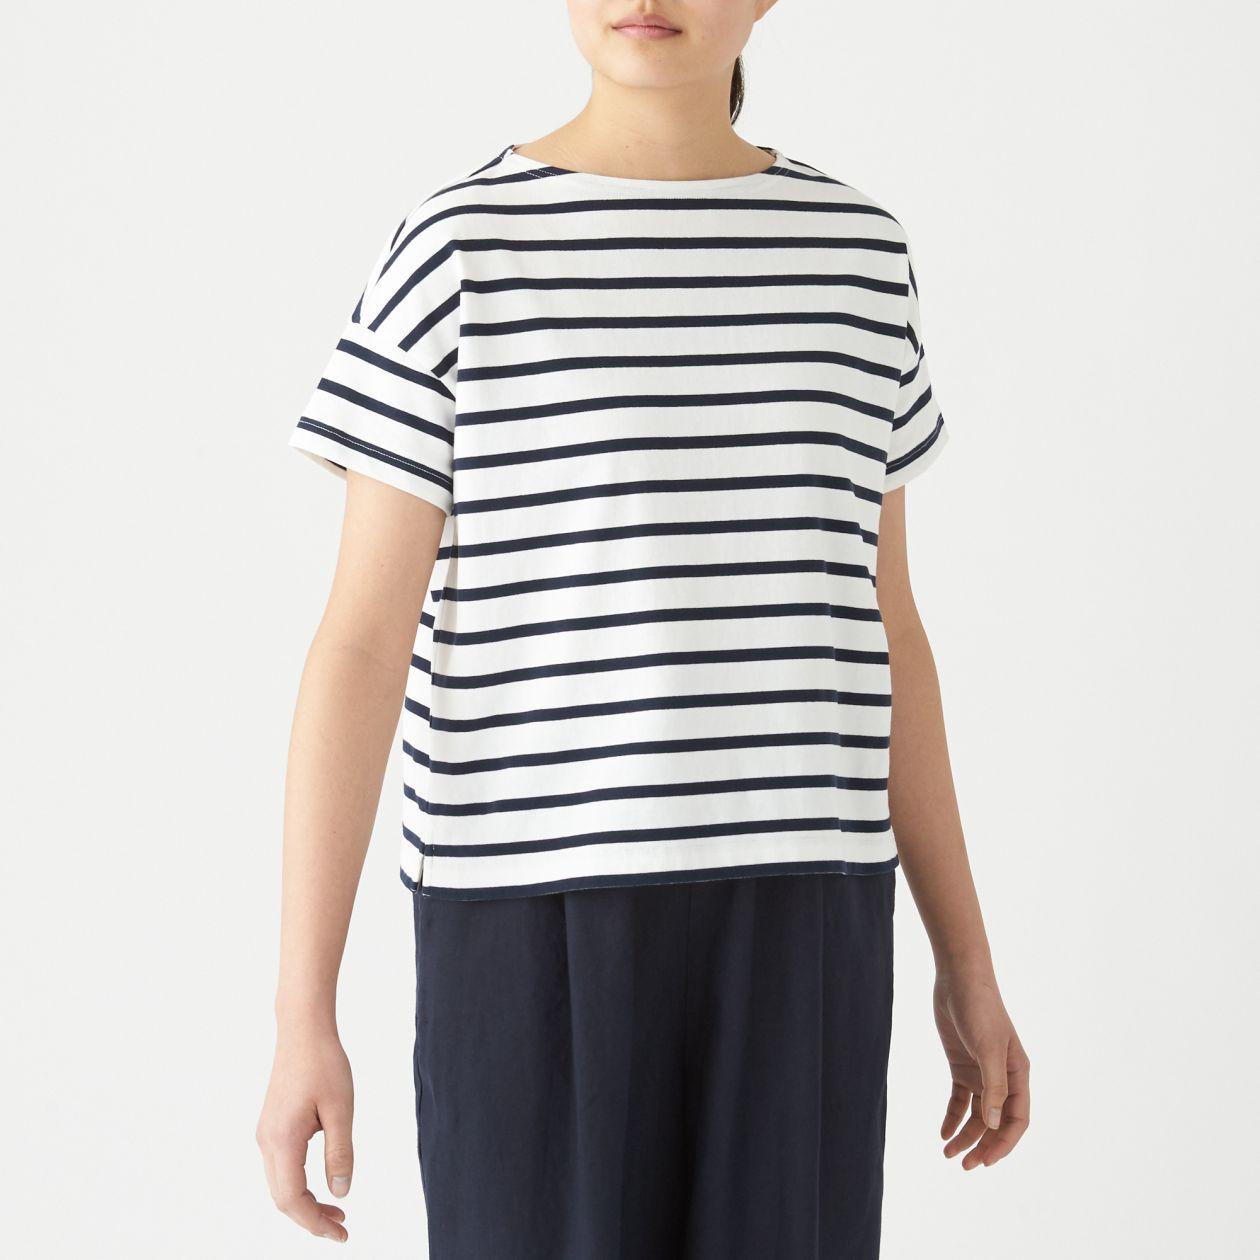 太番手天竺編みボートネックワイドTシャツ(半袖)